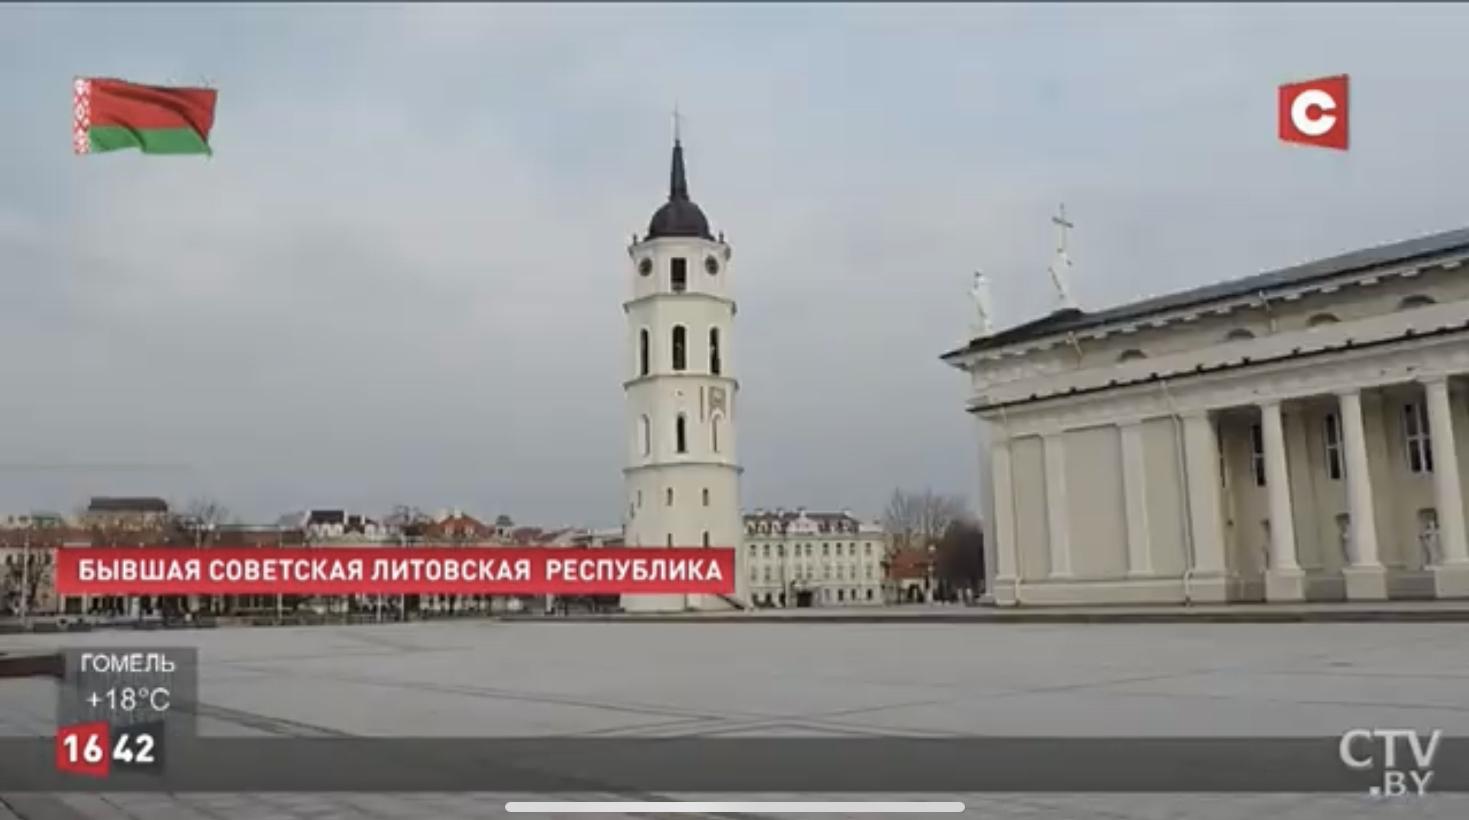 Скриншот с беларуского Столичного ТВ